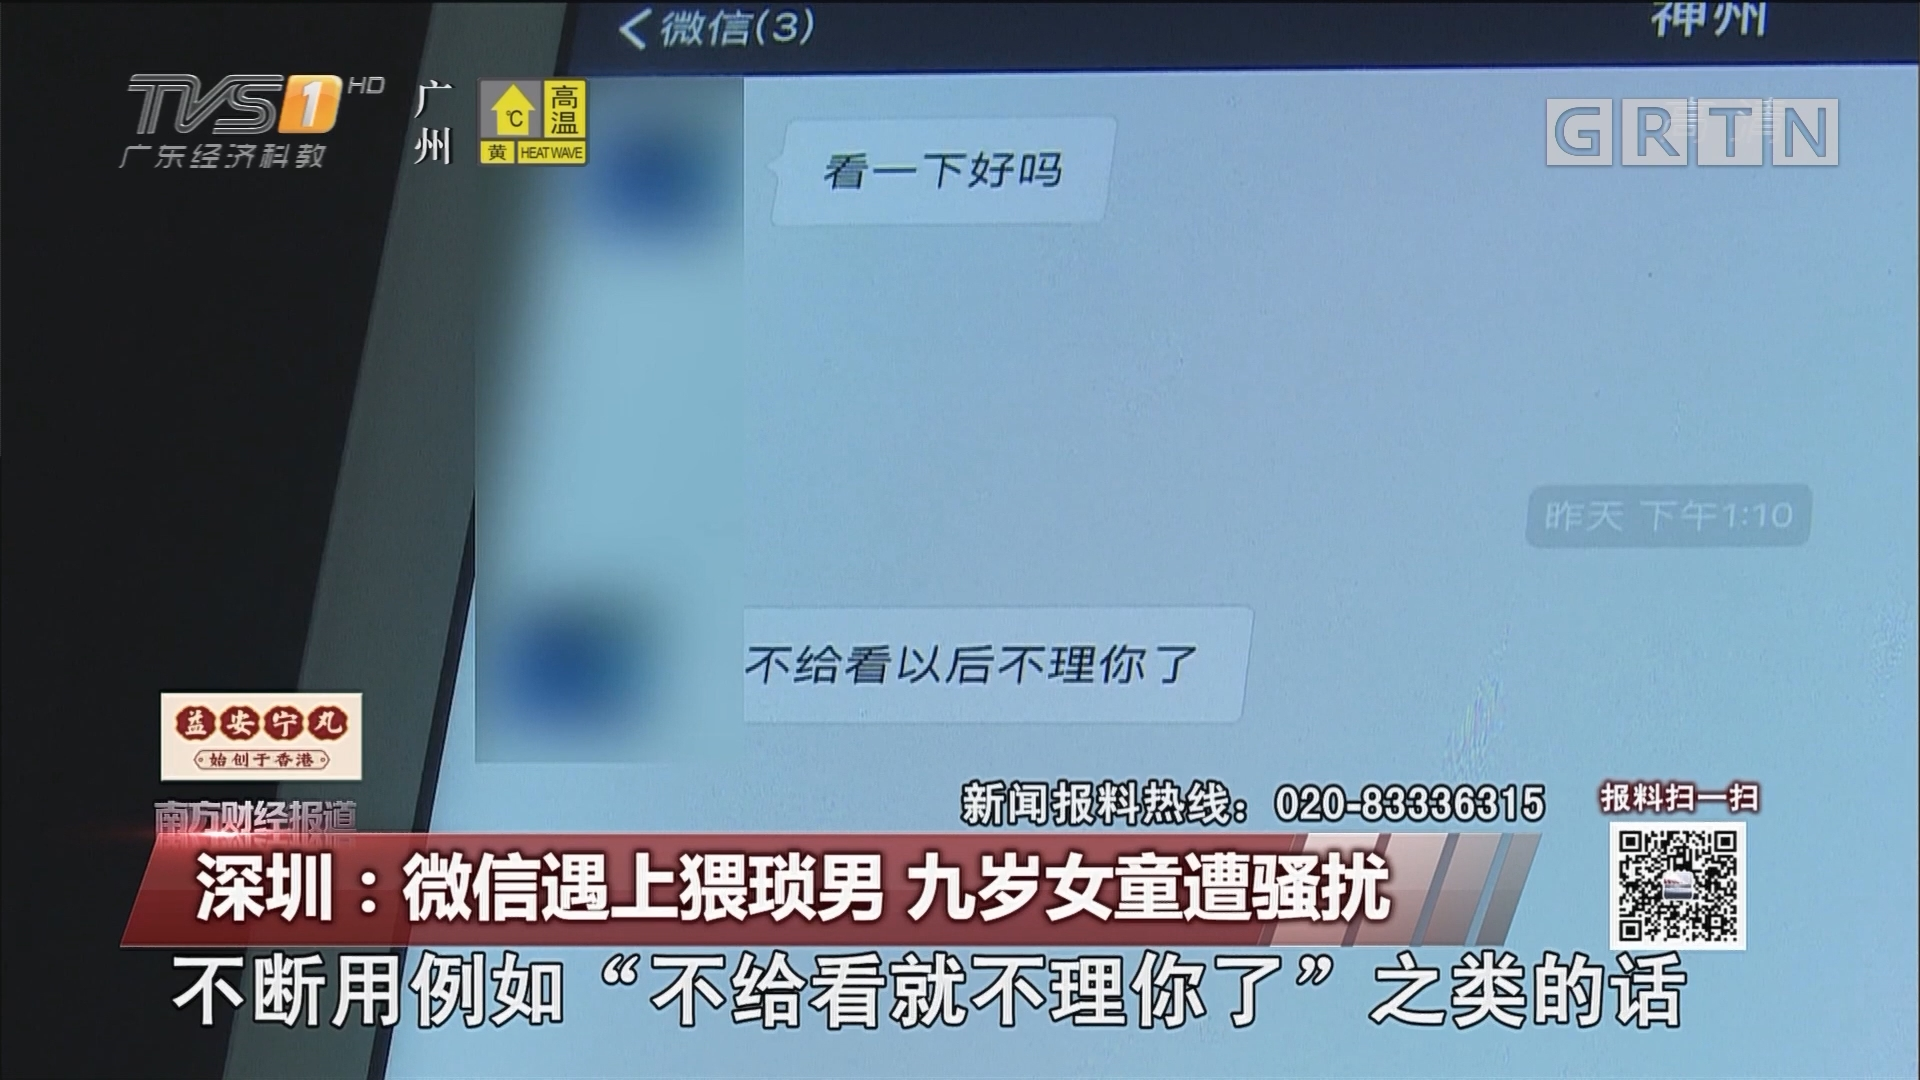 深圳:微信遇上猥琐男 九岁女童遭骚扰